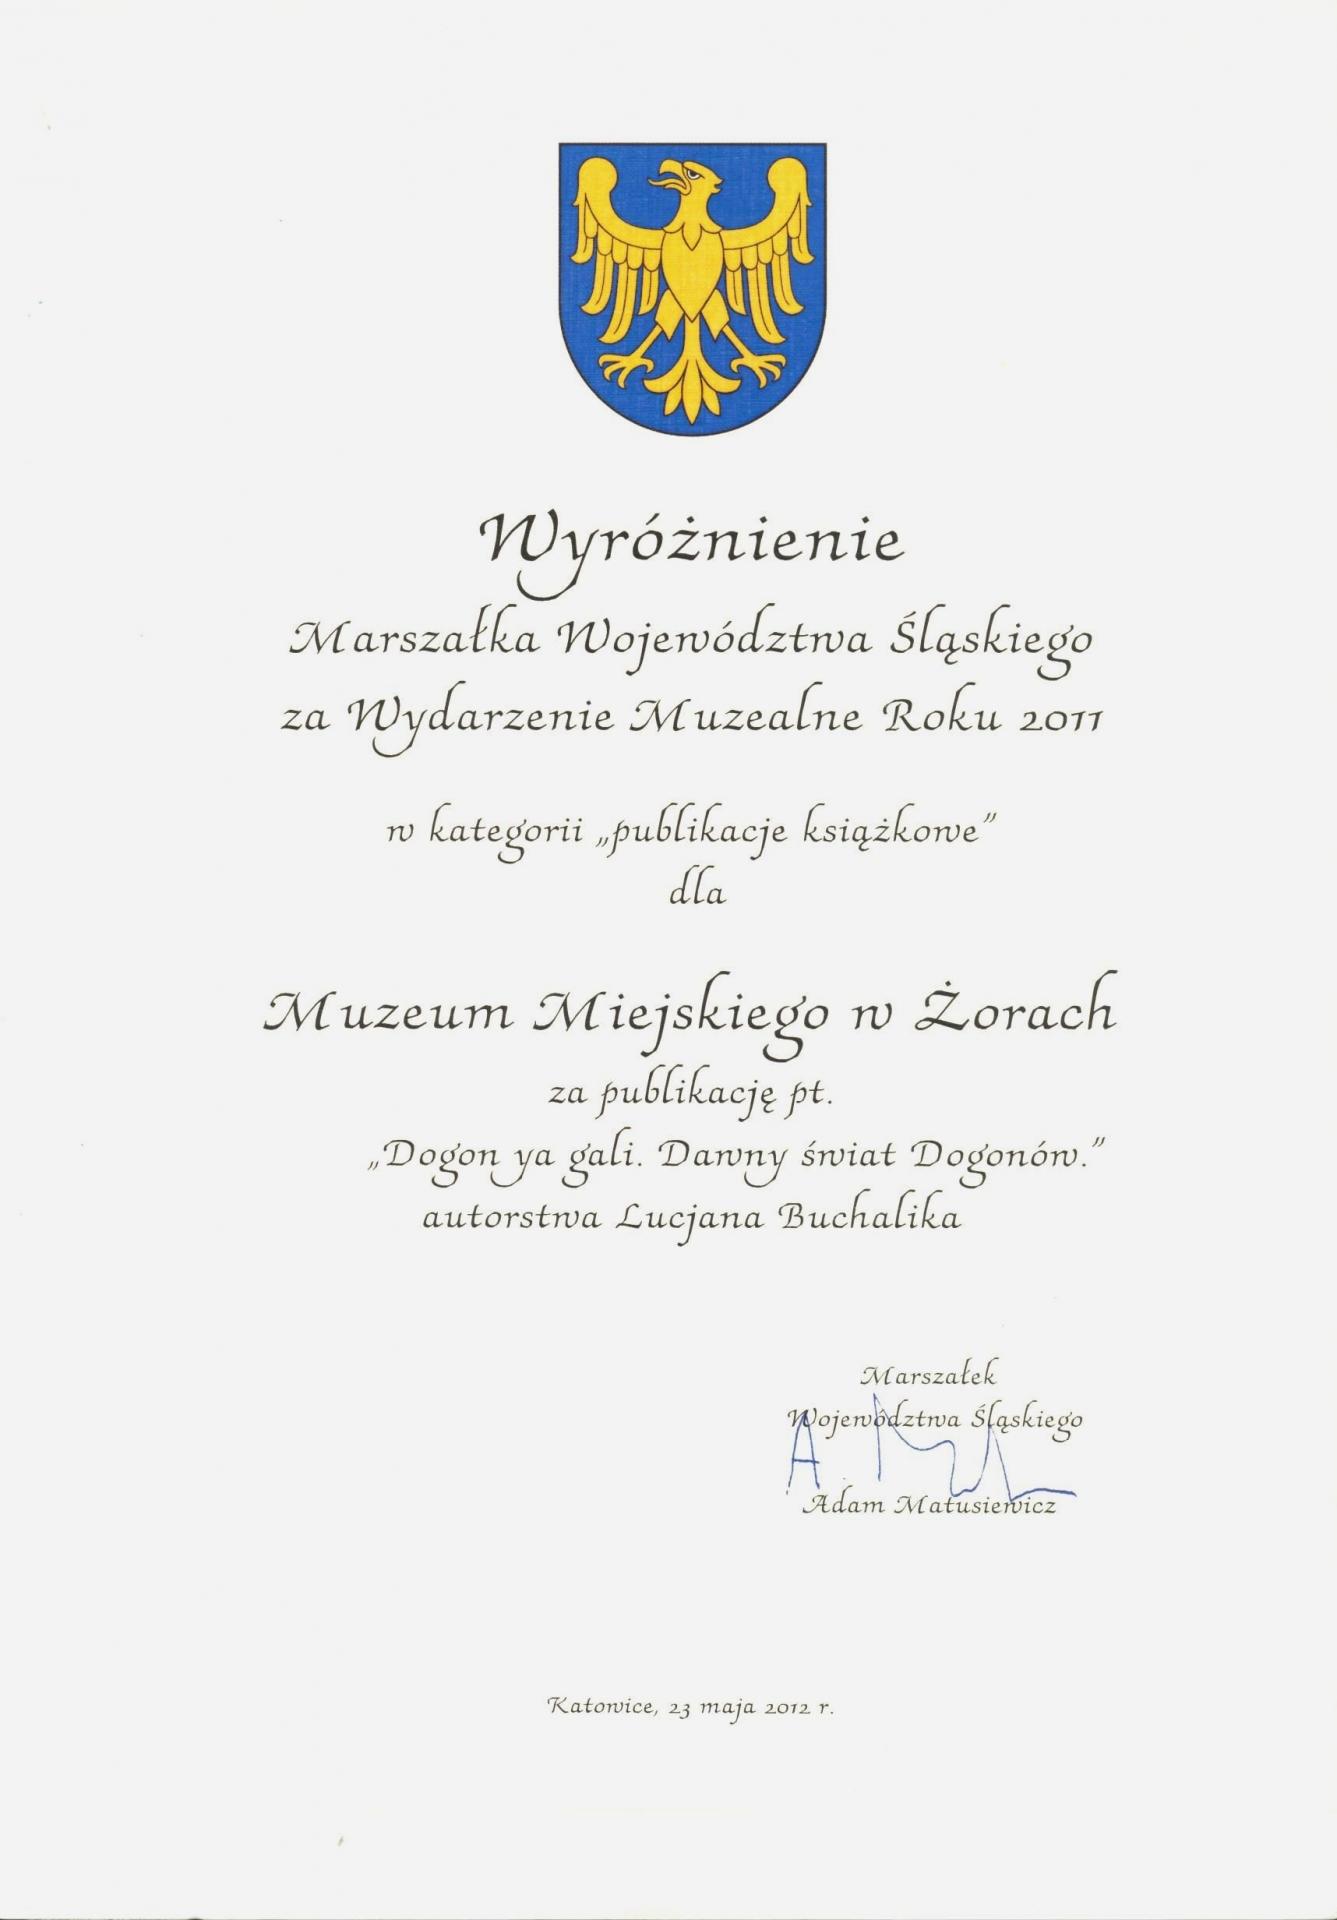 Nagroda Marszałka Województwa Śląskiego 2012